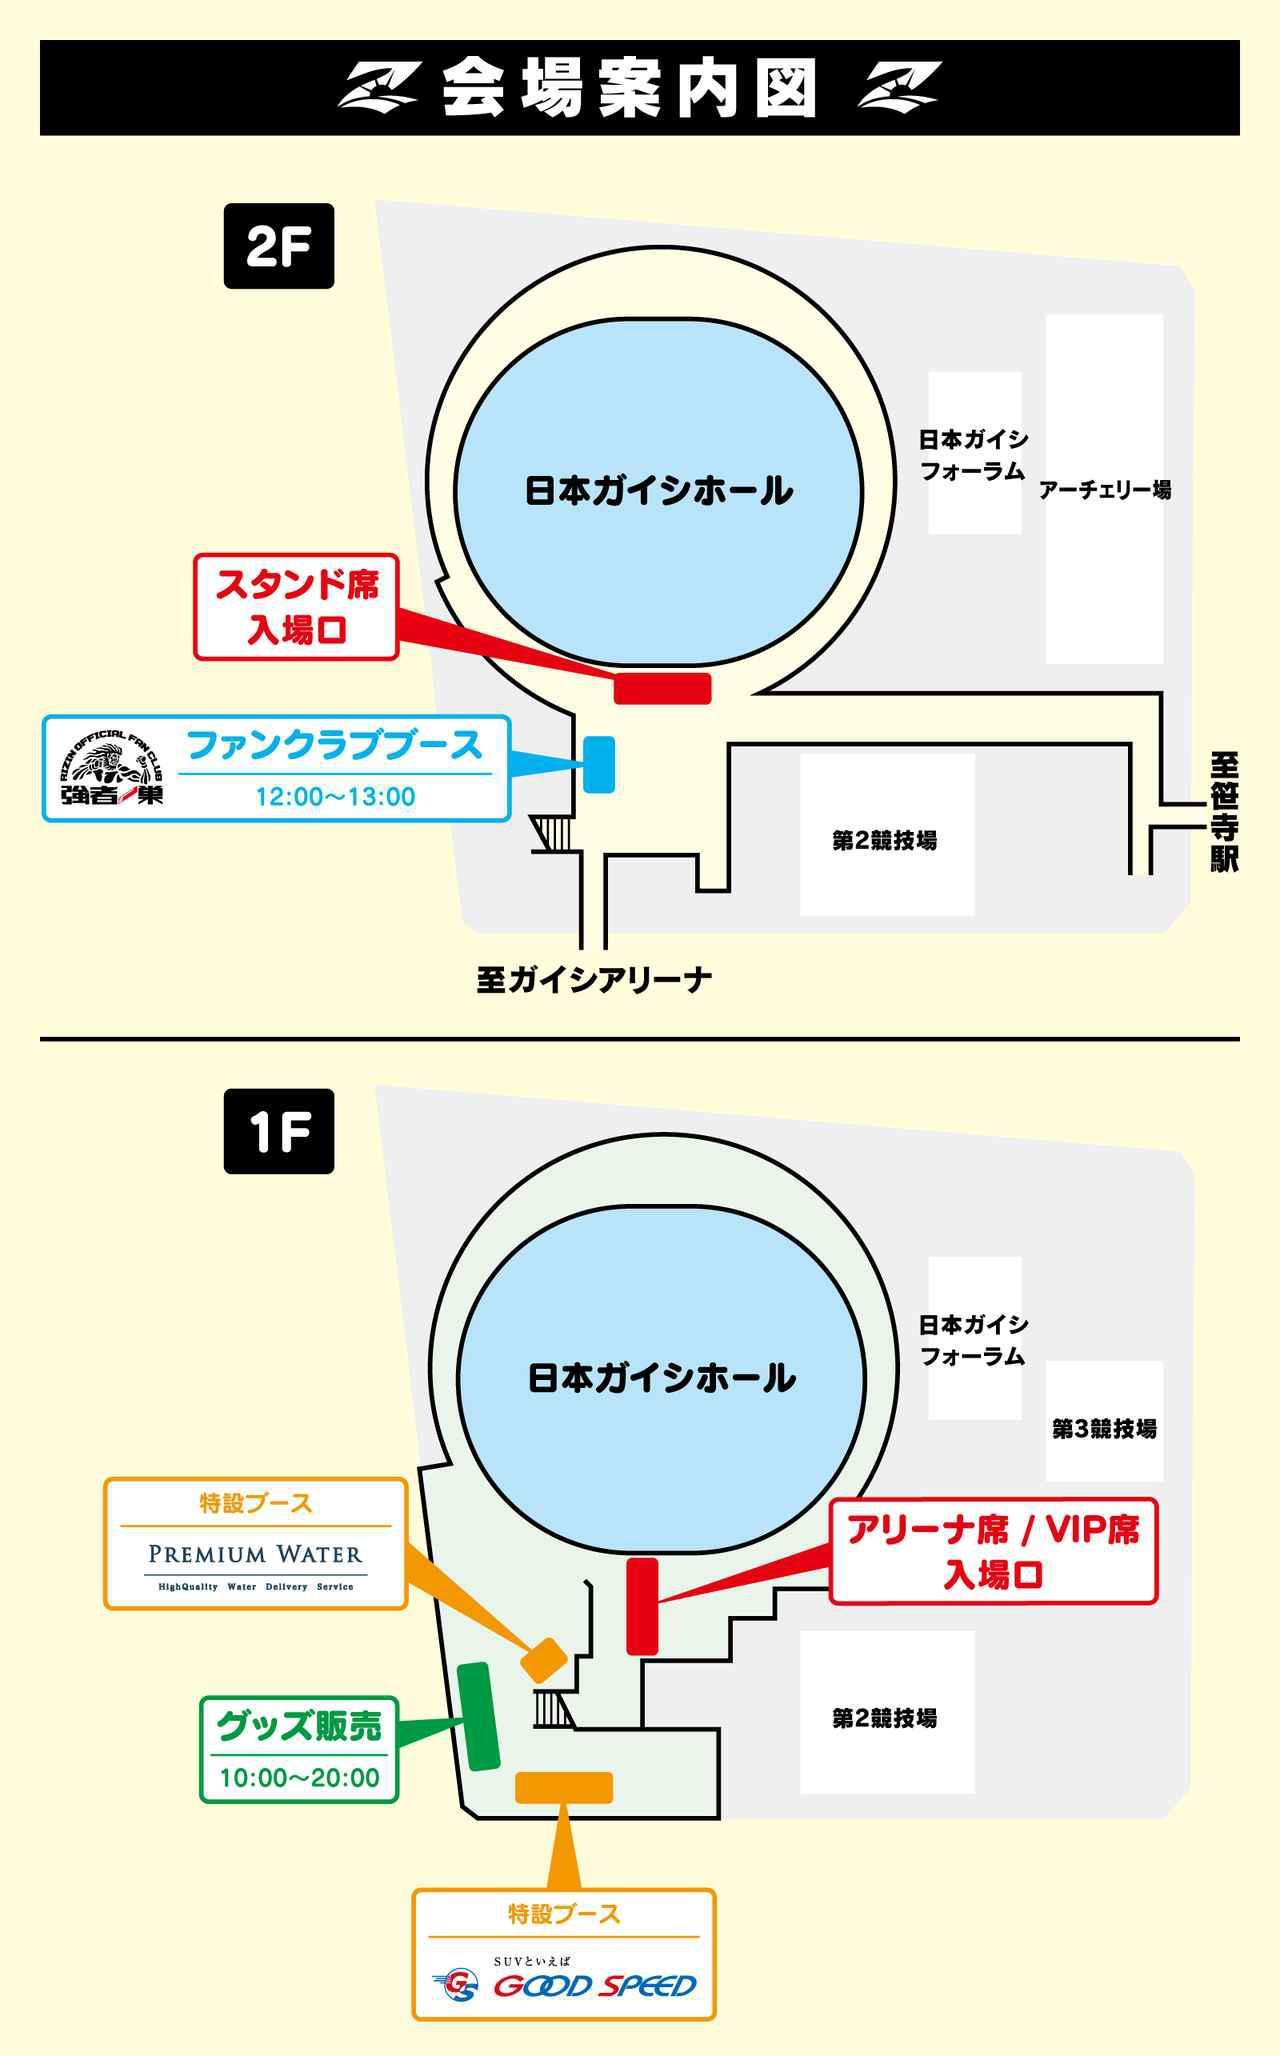 画像: 日本ガイシホール 会場案内図